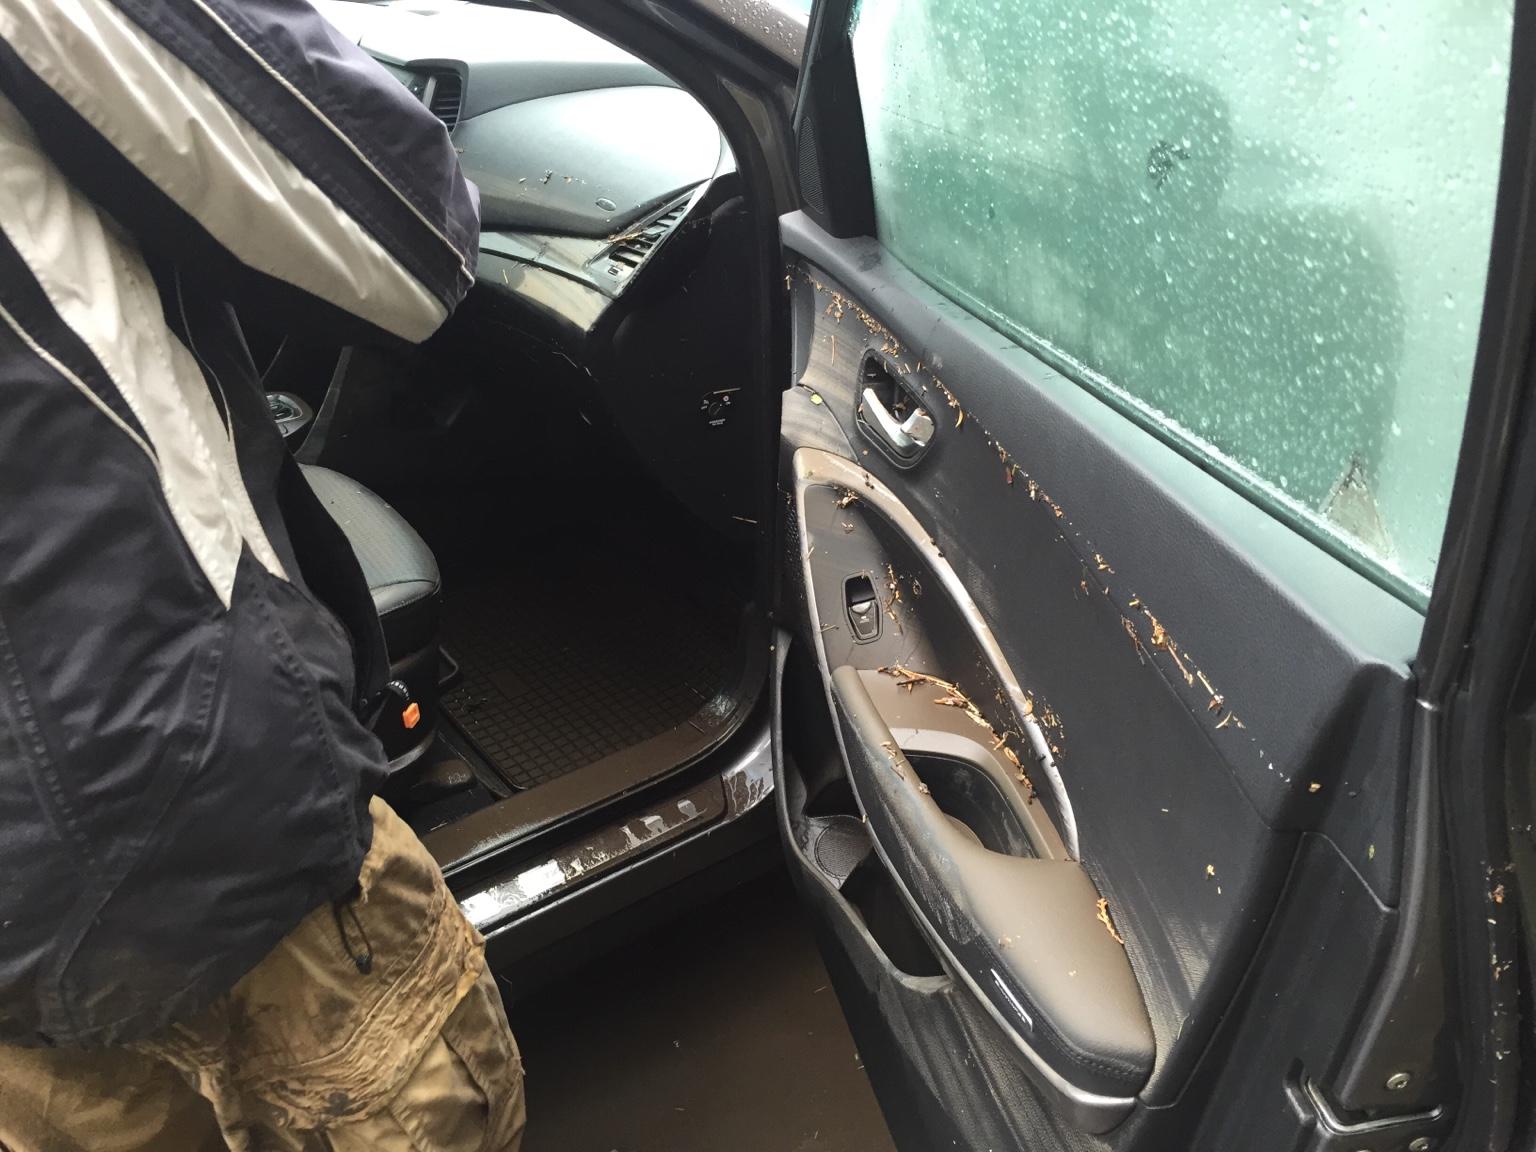 730f28521c3c0c858307f3b3b5778859 Печальное фото: Как выглядит утонувшая машина одессита после того, как ее достали